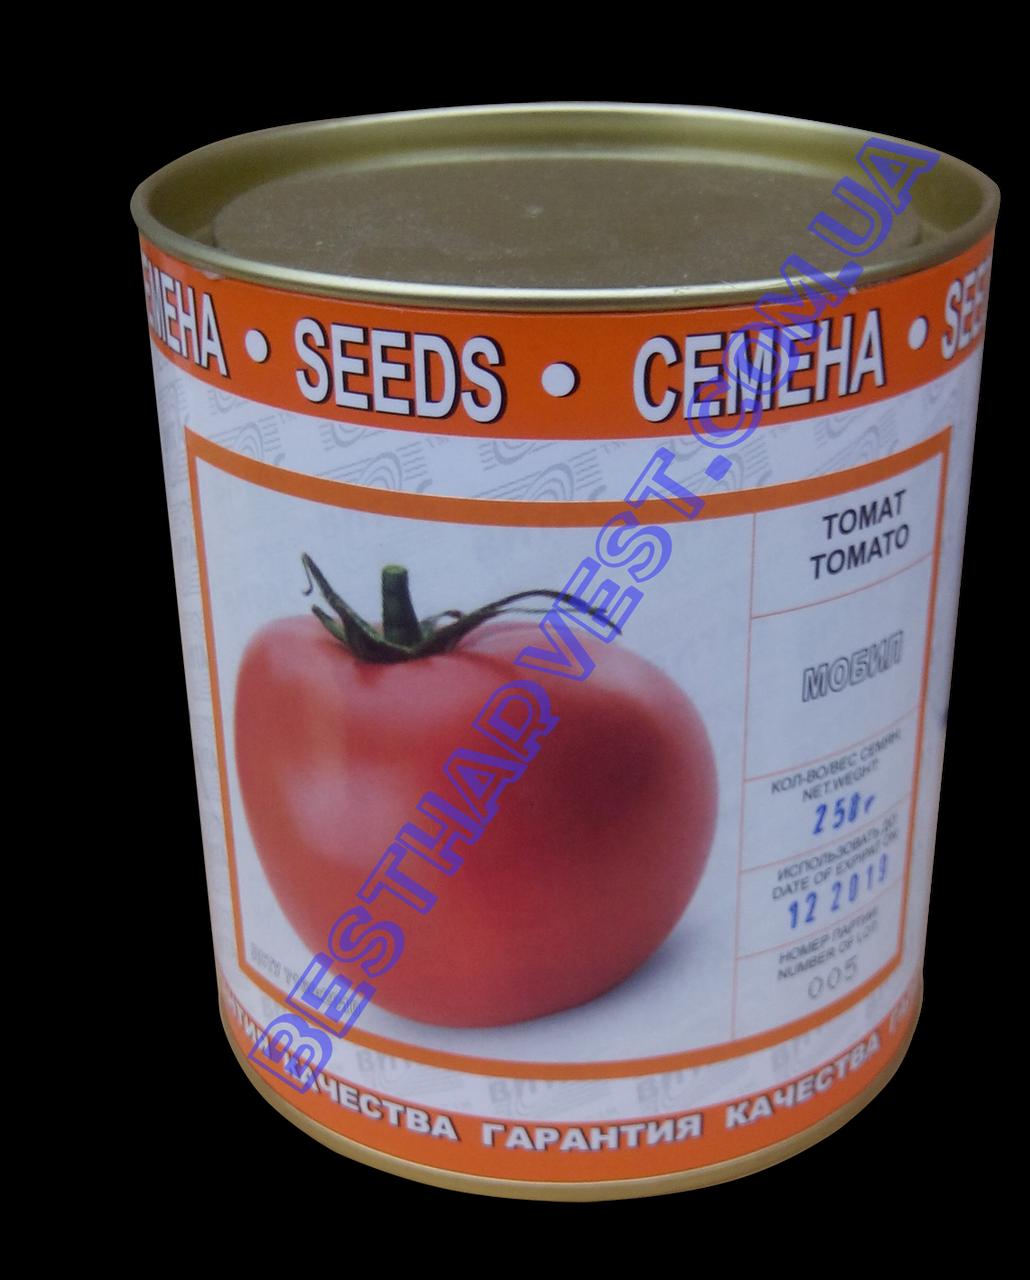 Семена томата «Мобил» 200 г, инкрустированные (Vitas)